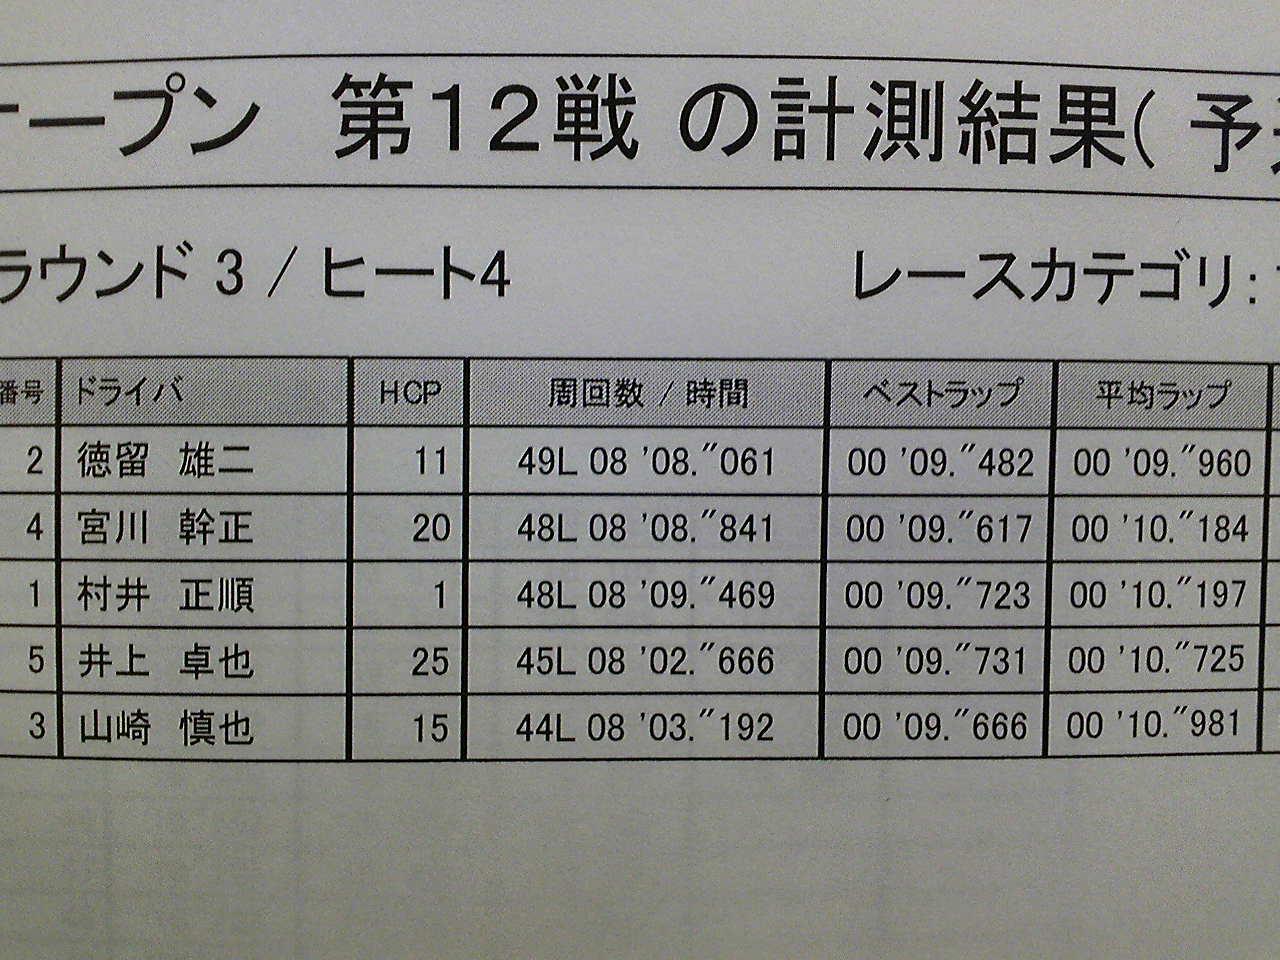 シルバーストーン・シリーズ戦 最終戦 村井正順_e0166663_9143628.jpg